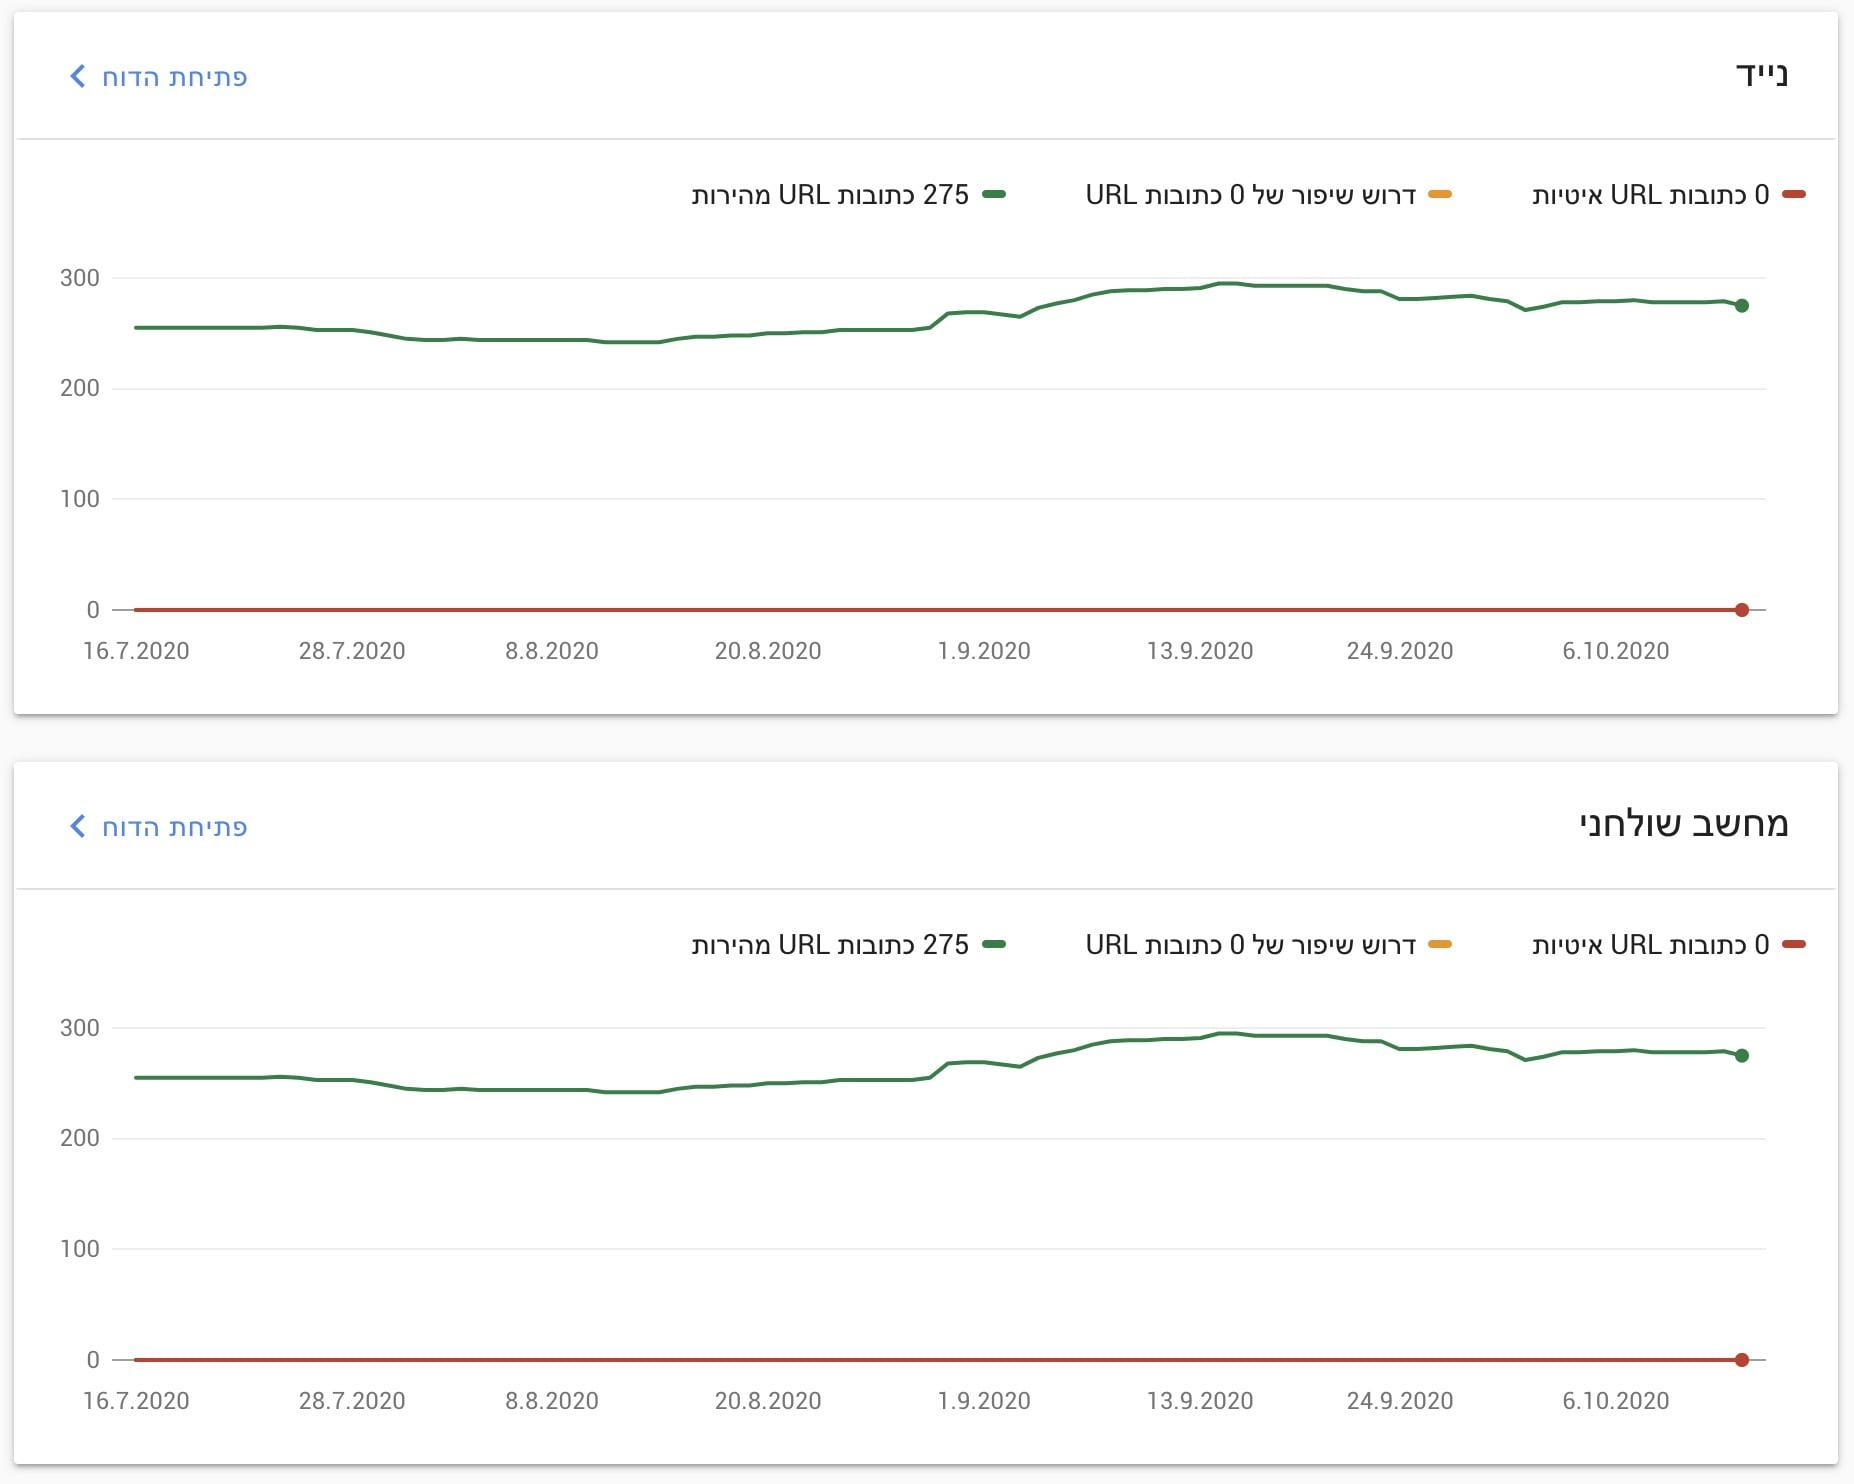 נתונים בסיסים על החוויה באינטרנט - סרץ׳ קונסול